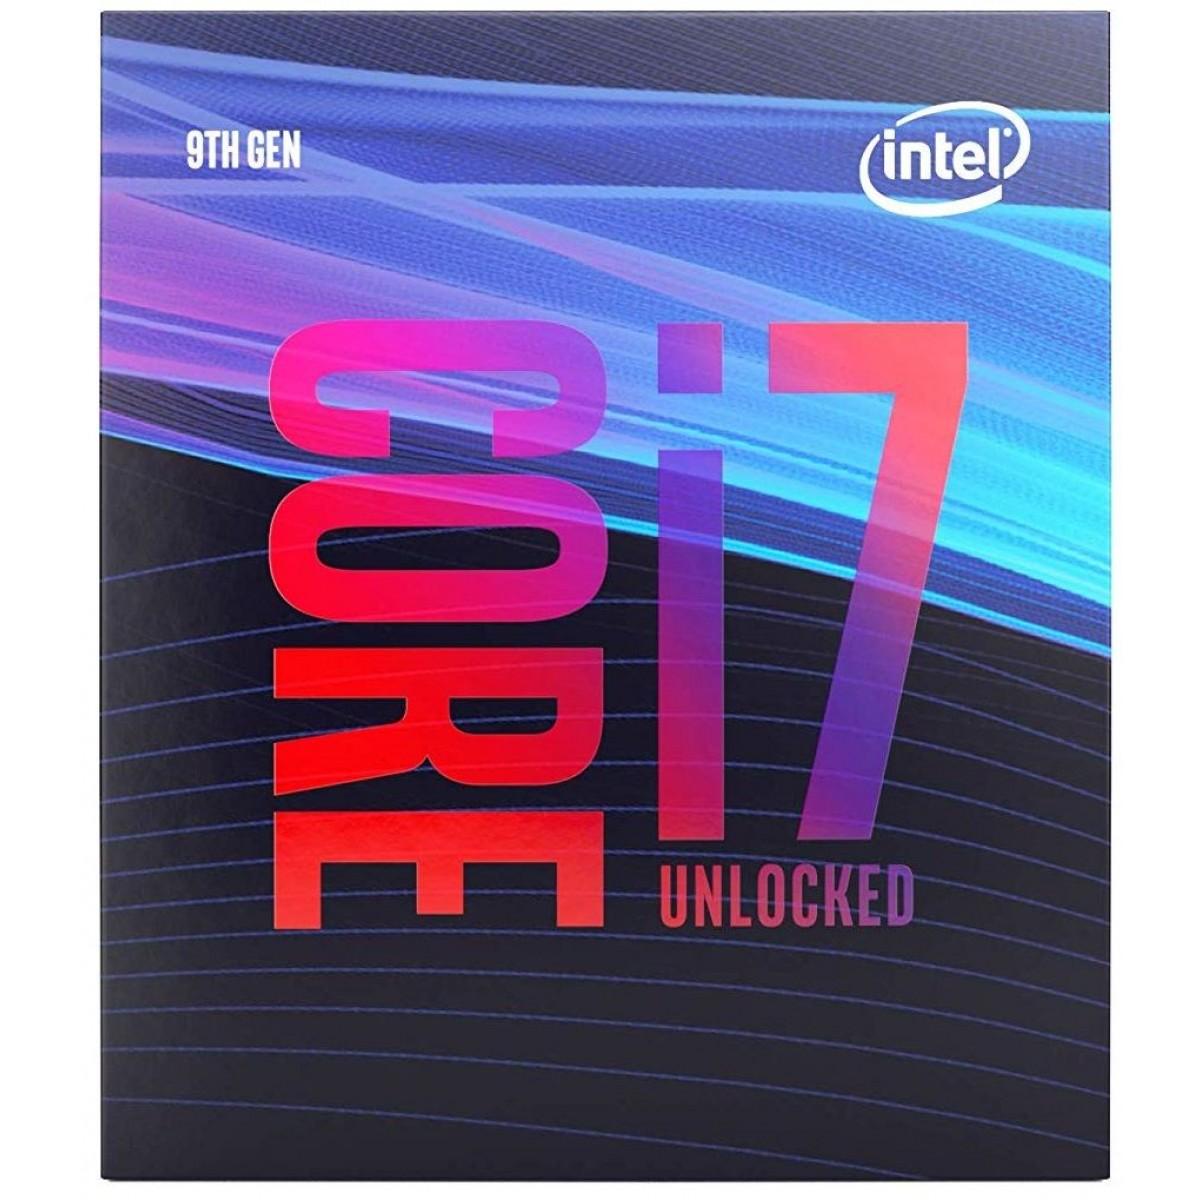 Processador Intel Core i7 9700 3.0GHz (4.70GHz Turbo), 9ª Geração, 8-Core 8-Thread, LGA 1151, BX80684I79700